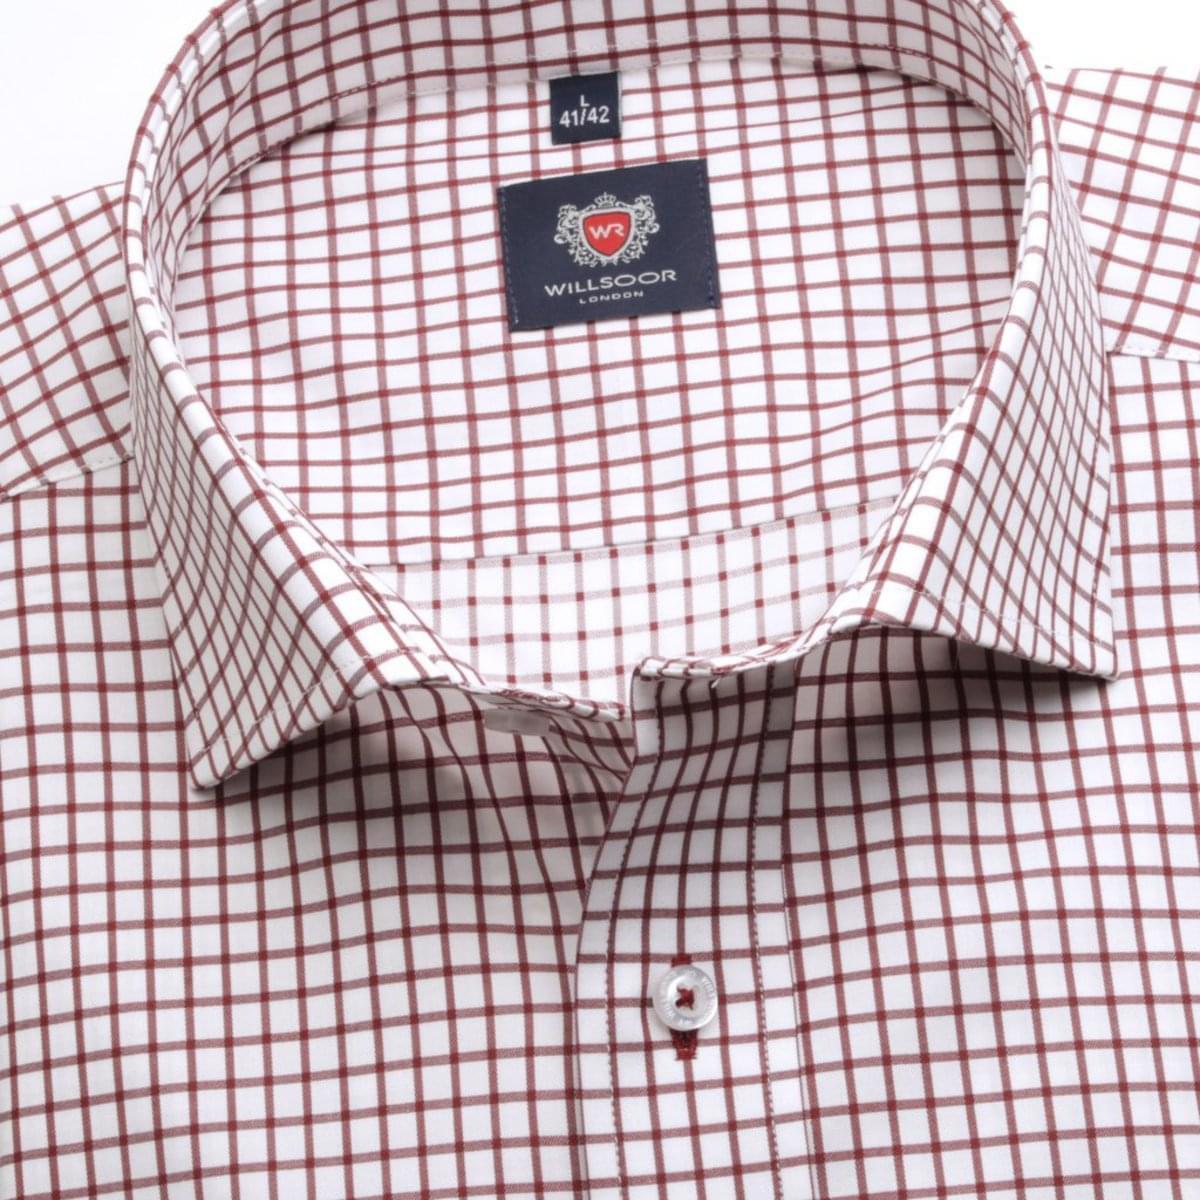 Pánská klasická košile London (výška 188-194) 6817 s kostkou a formulí Easy Care 188-194 / L (41/42)